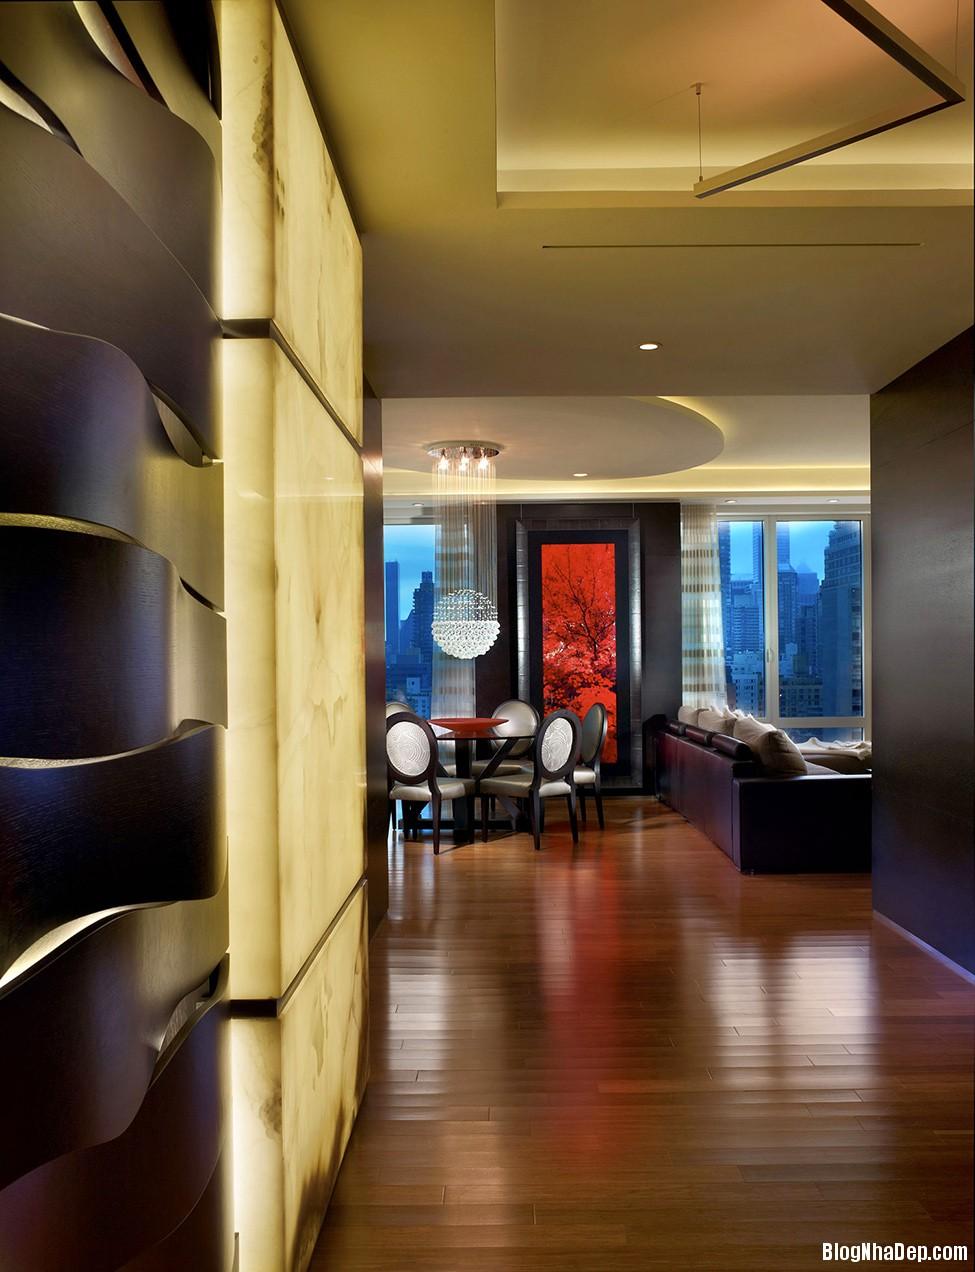 Mau Thiet Ke Nha Dep Gorgeous Decorations 0578 Mẫu Thiết Kế Nhà Đẹp Với Nội Thất Tinh Tế